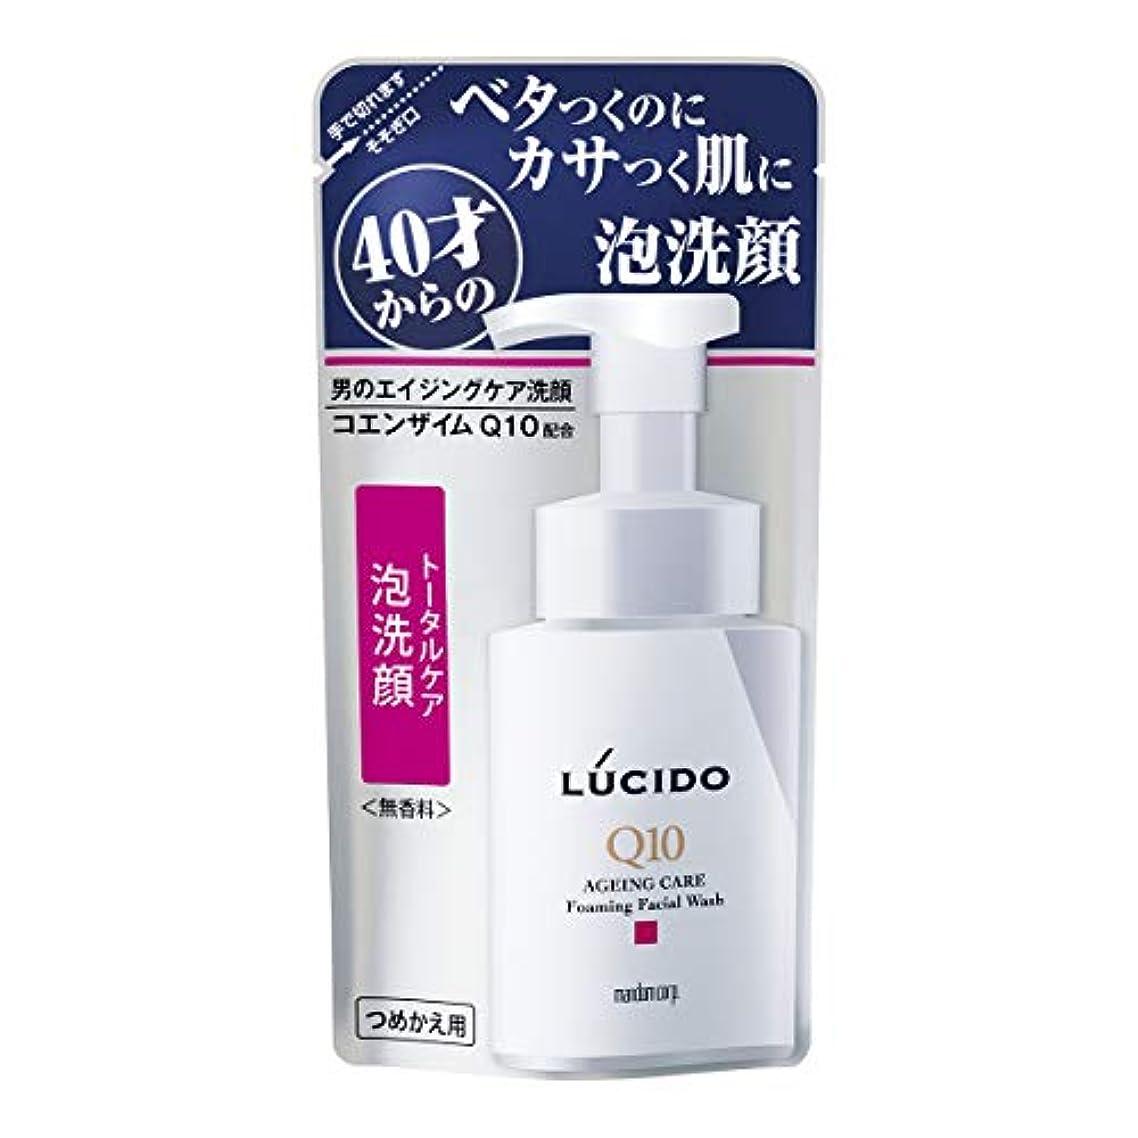 怒りカーペットコンテンツLUCIDO(ルシード) トータルケア泡洗顔 つめかえ用 Q10 130mL